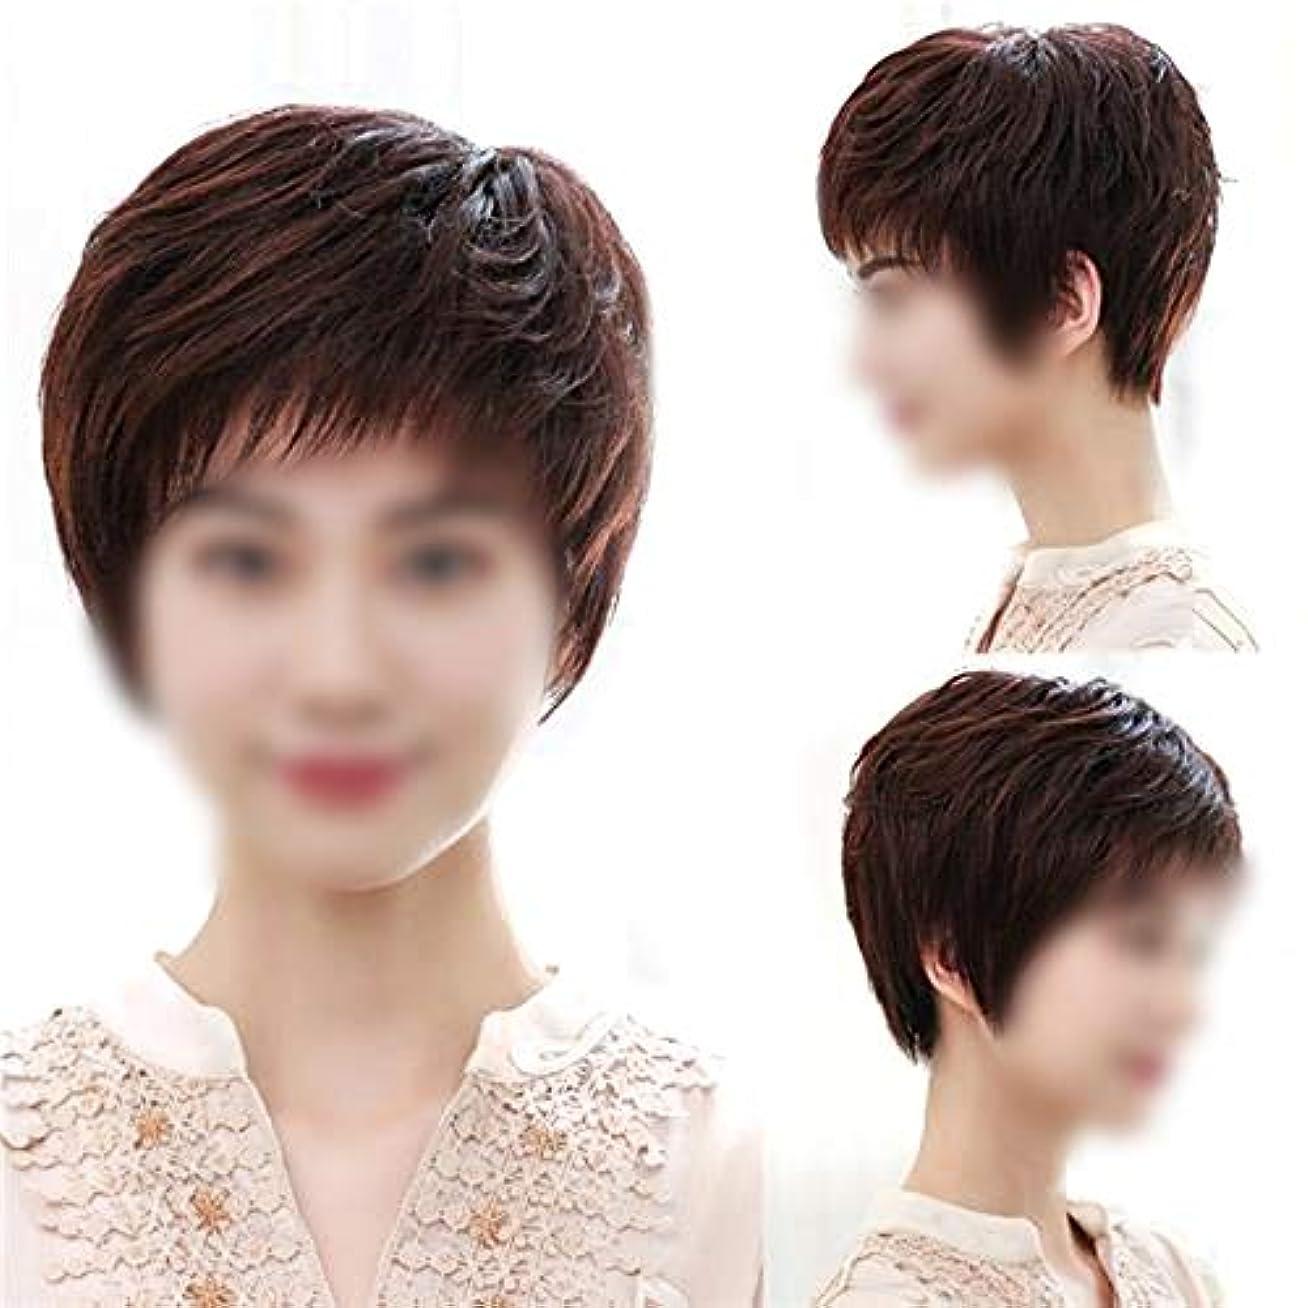 古いユニークな直感YOUQIU 女子ダークブラウンショートヘア中年手織りの実髪の髪の自然のリアルなウィッグウィッグ (色 : Natural black)